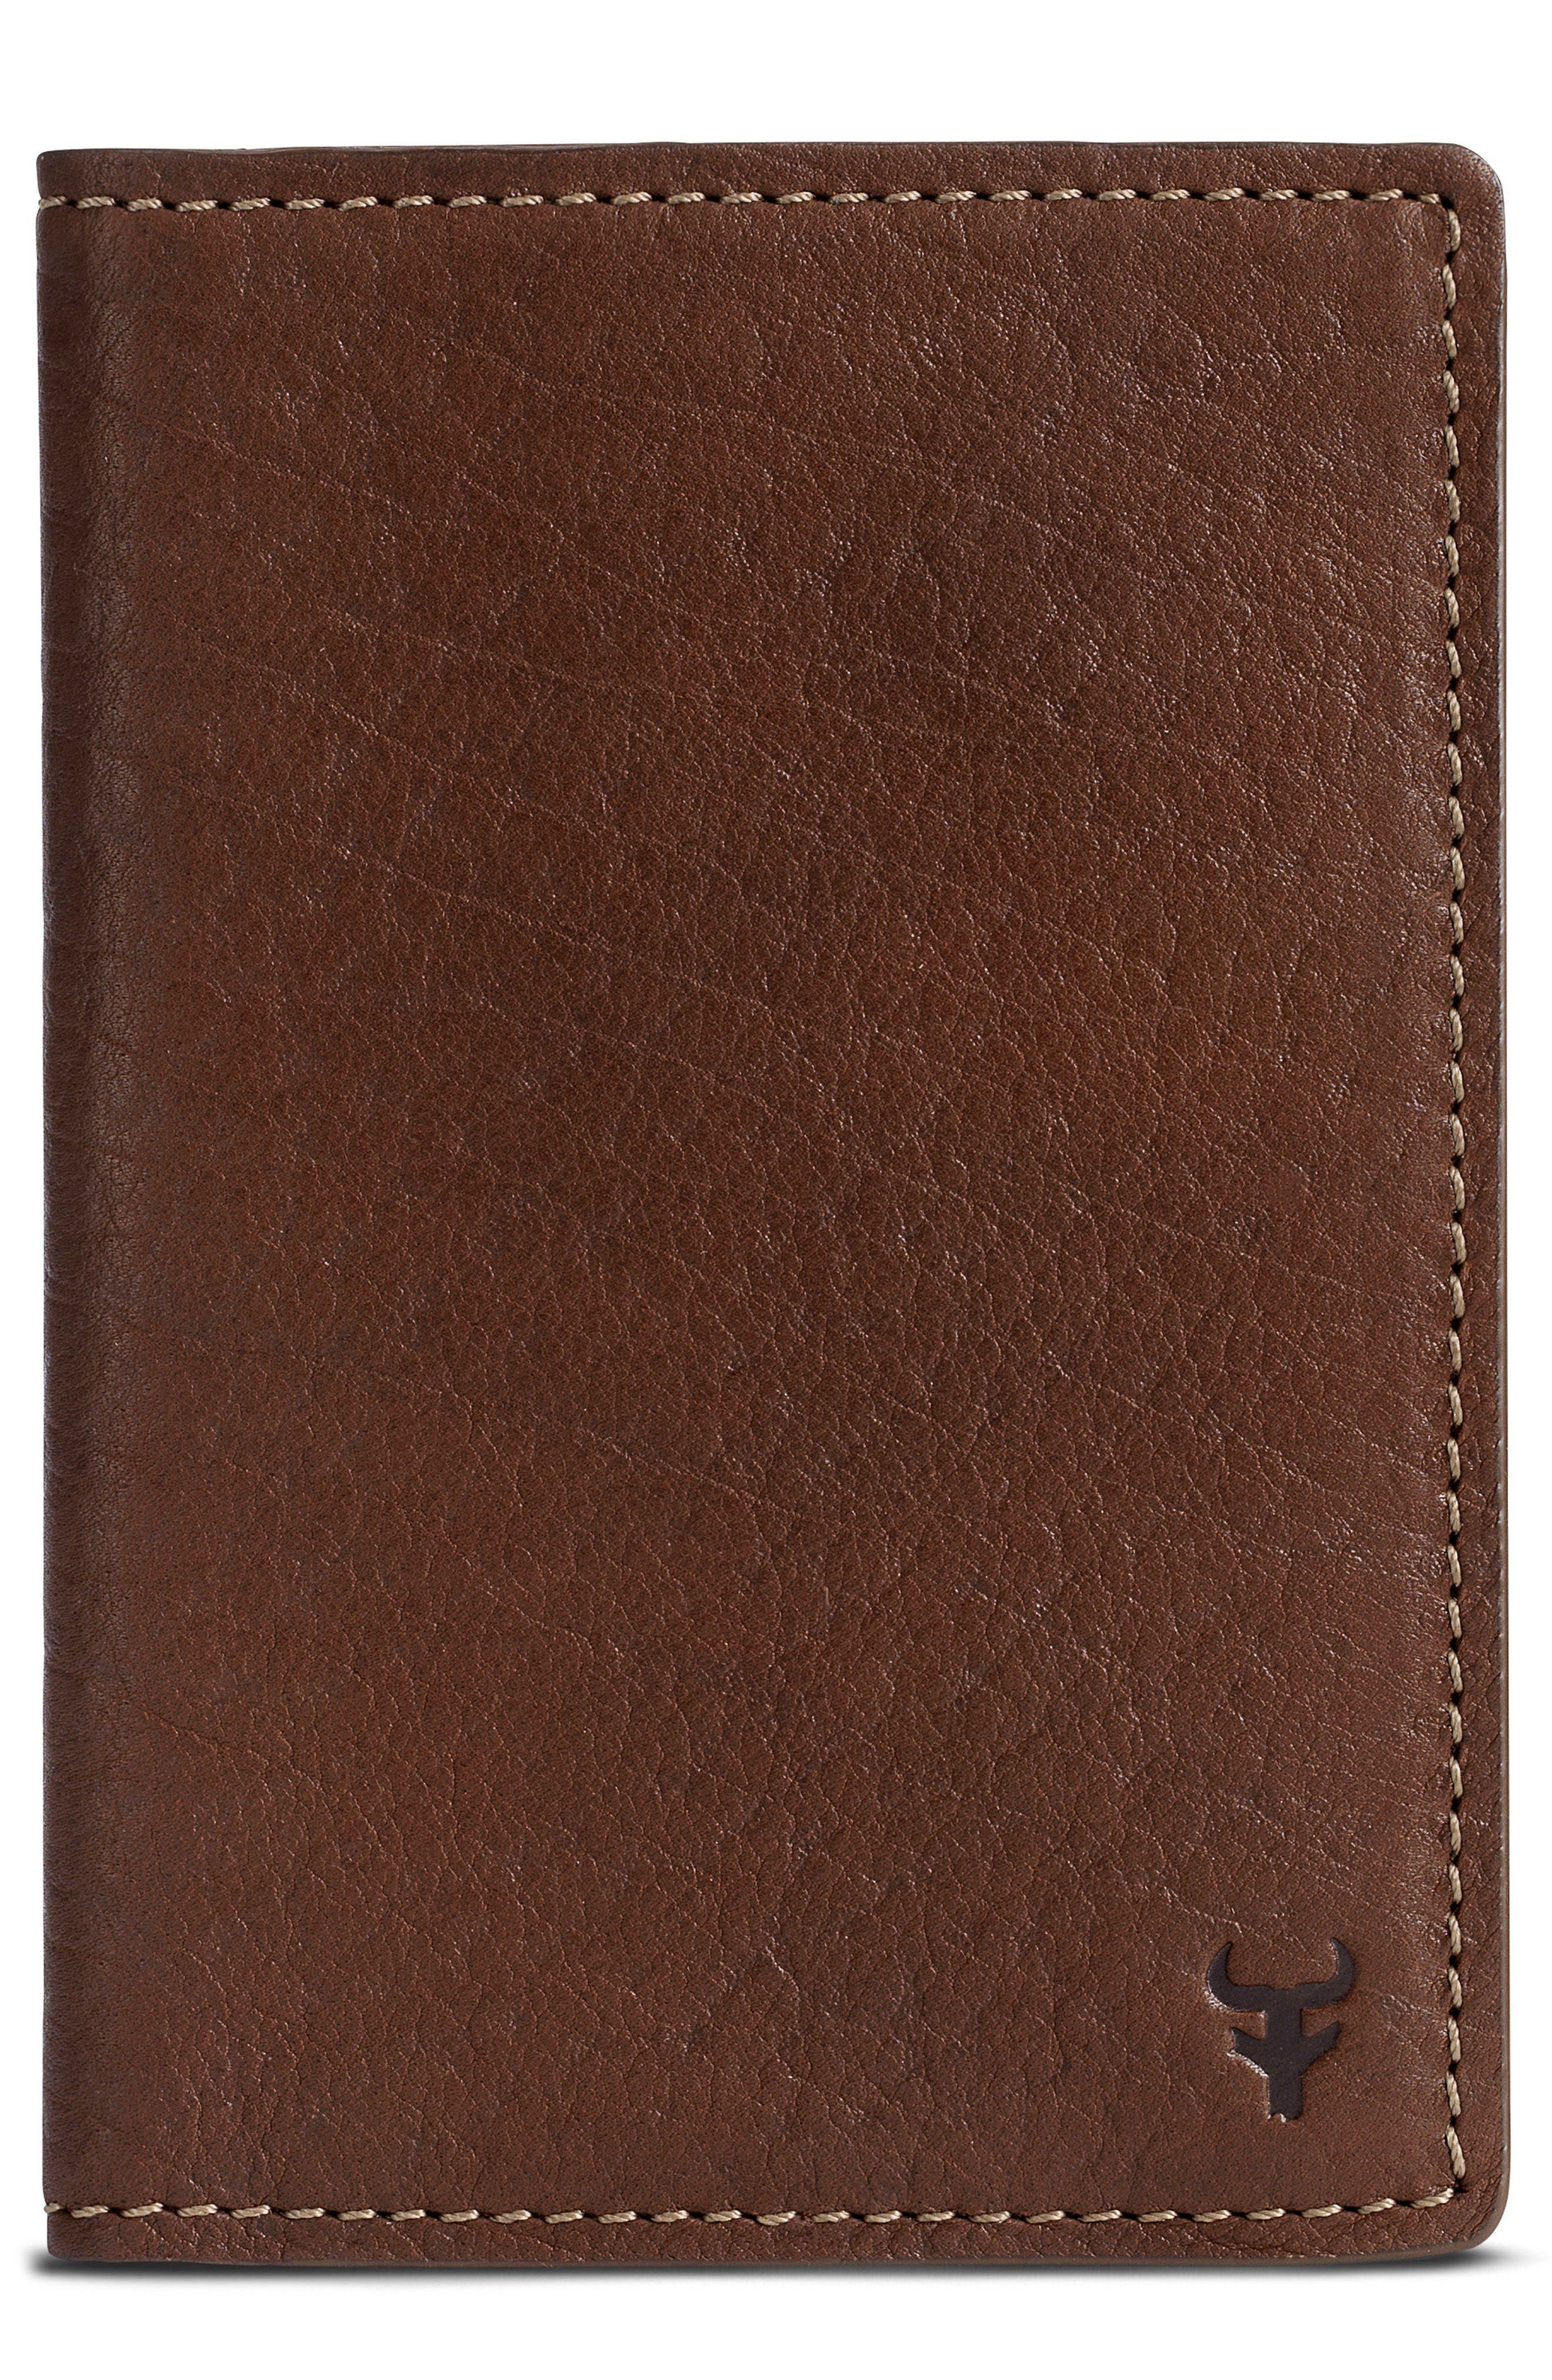 63137c8828e7 passport holder | Nordstrom